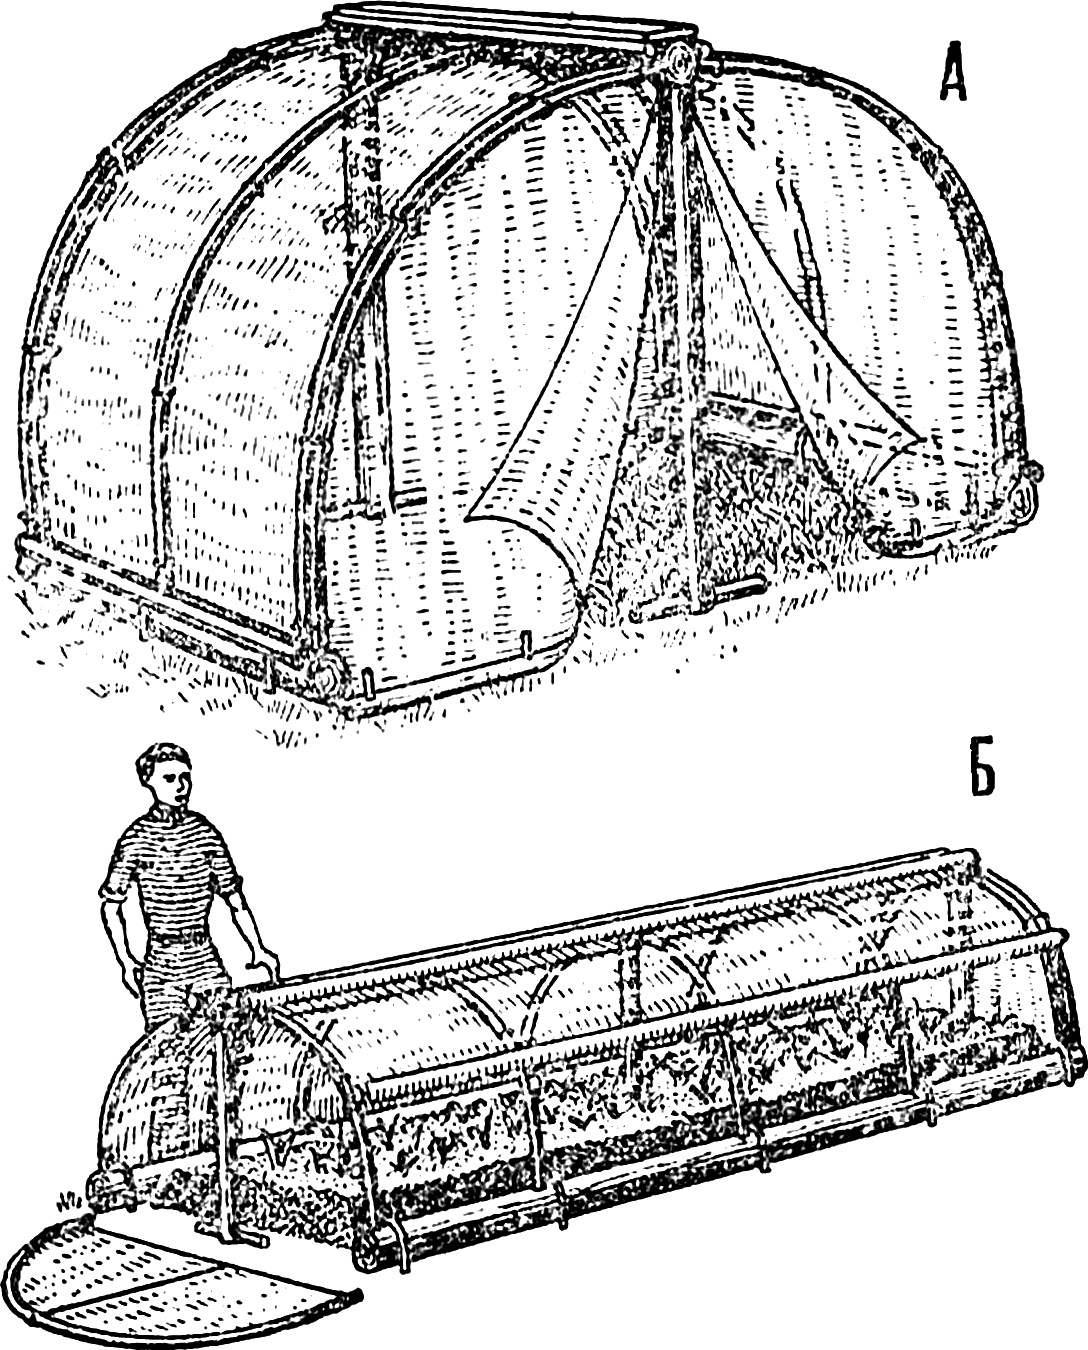 Рис. 1. Варианты использования арочной конструкции на основе гибких прутьев.